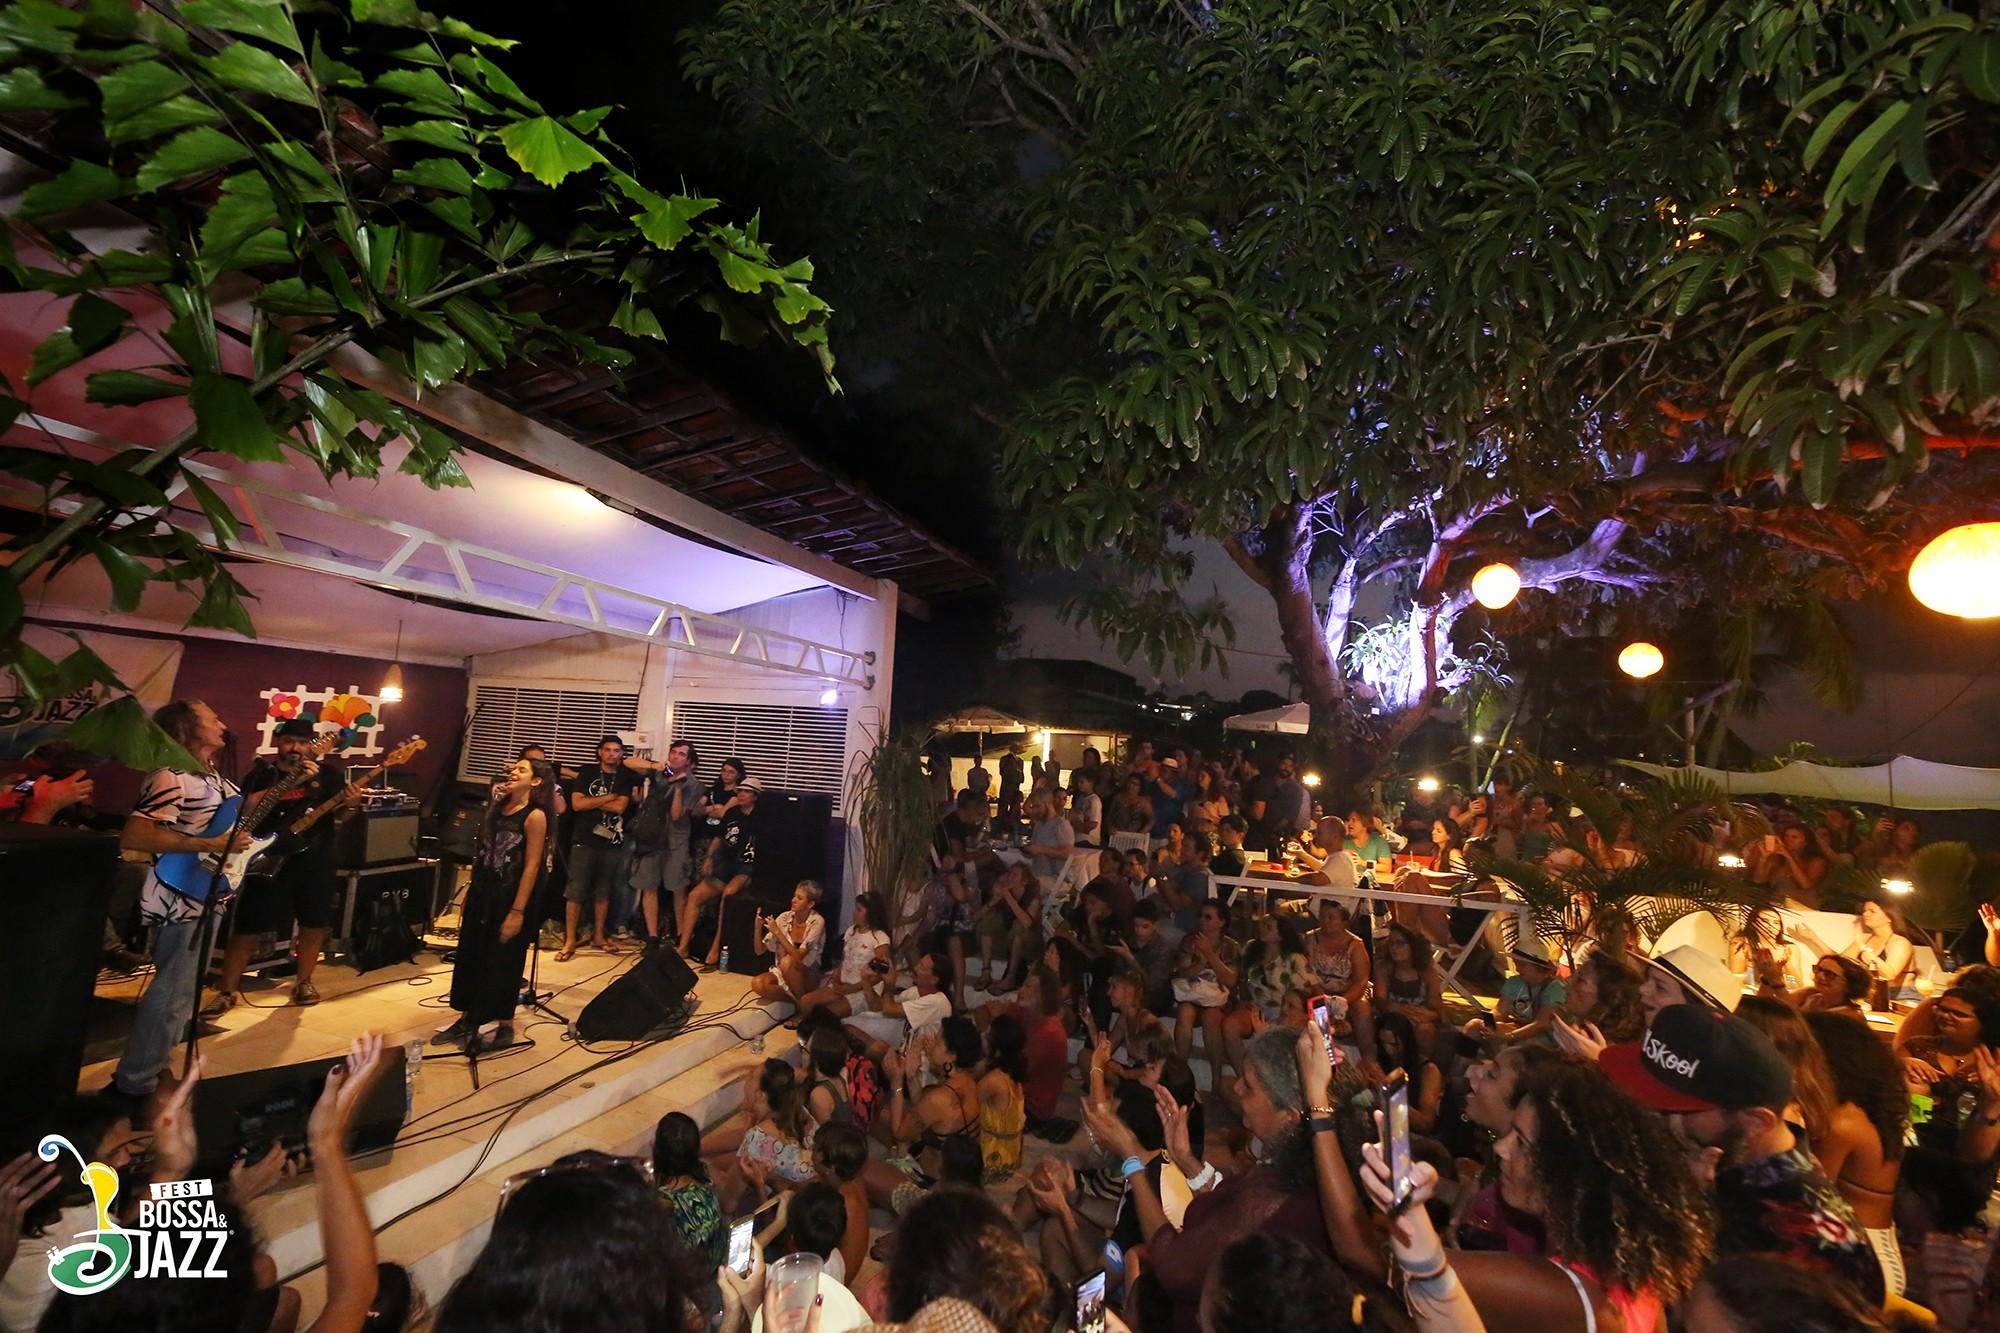 Edição do Fest Bossa & Jazz em Mossoró, RN, é cancelada - Notícias - Plantão Diário